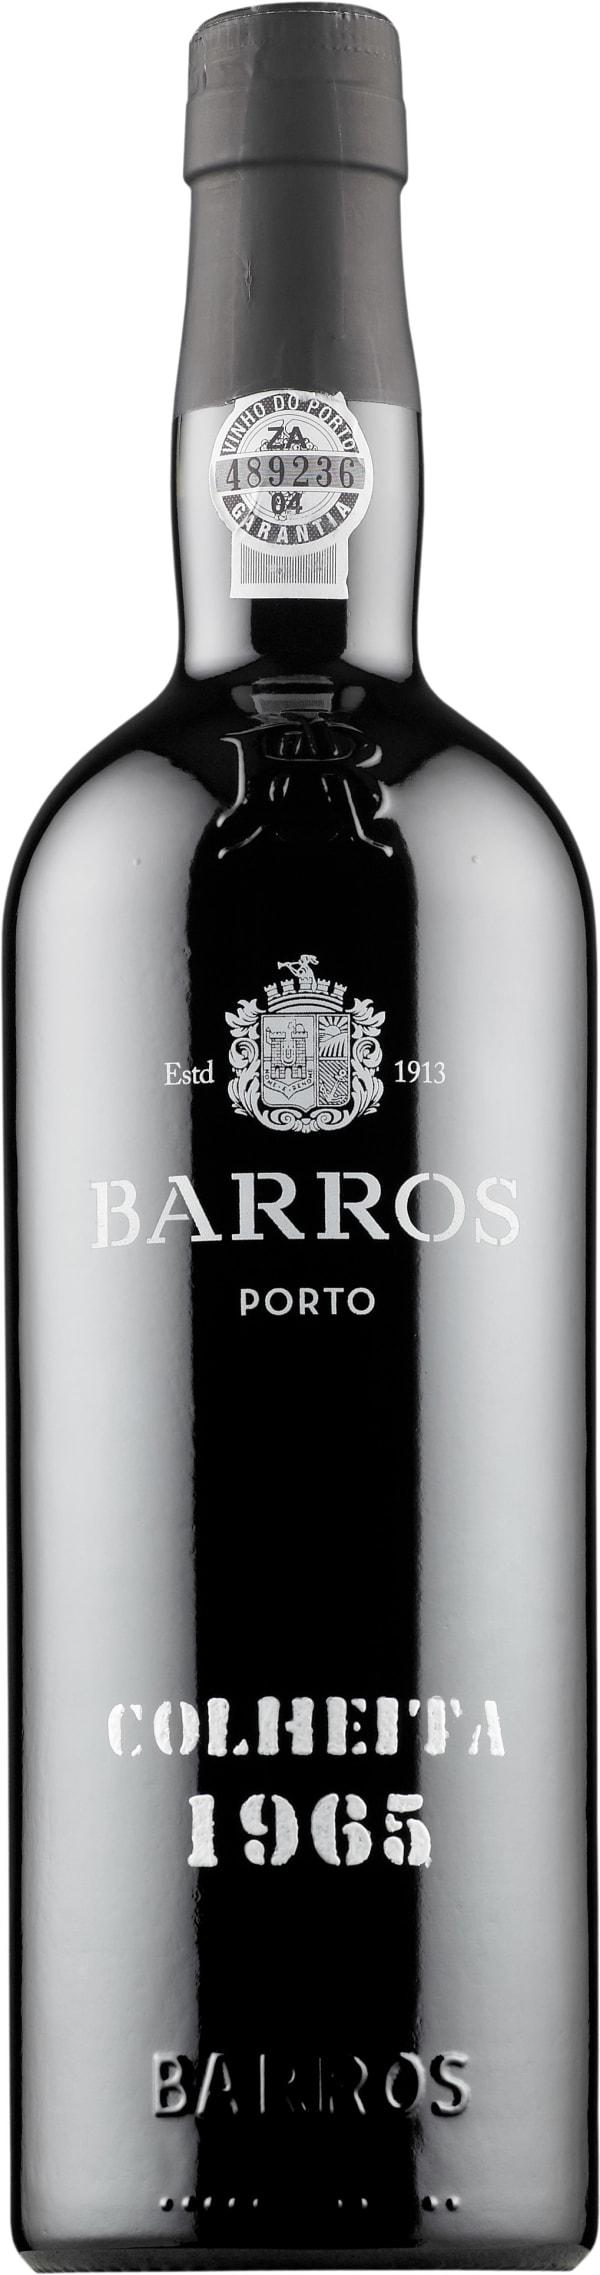 Barros Porto Colheita 1965